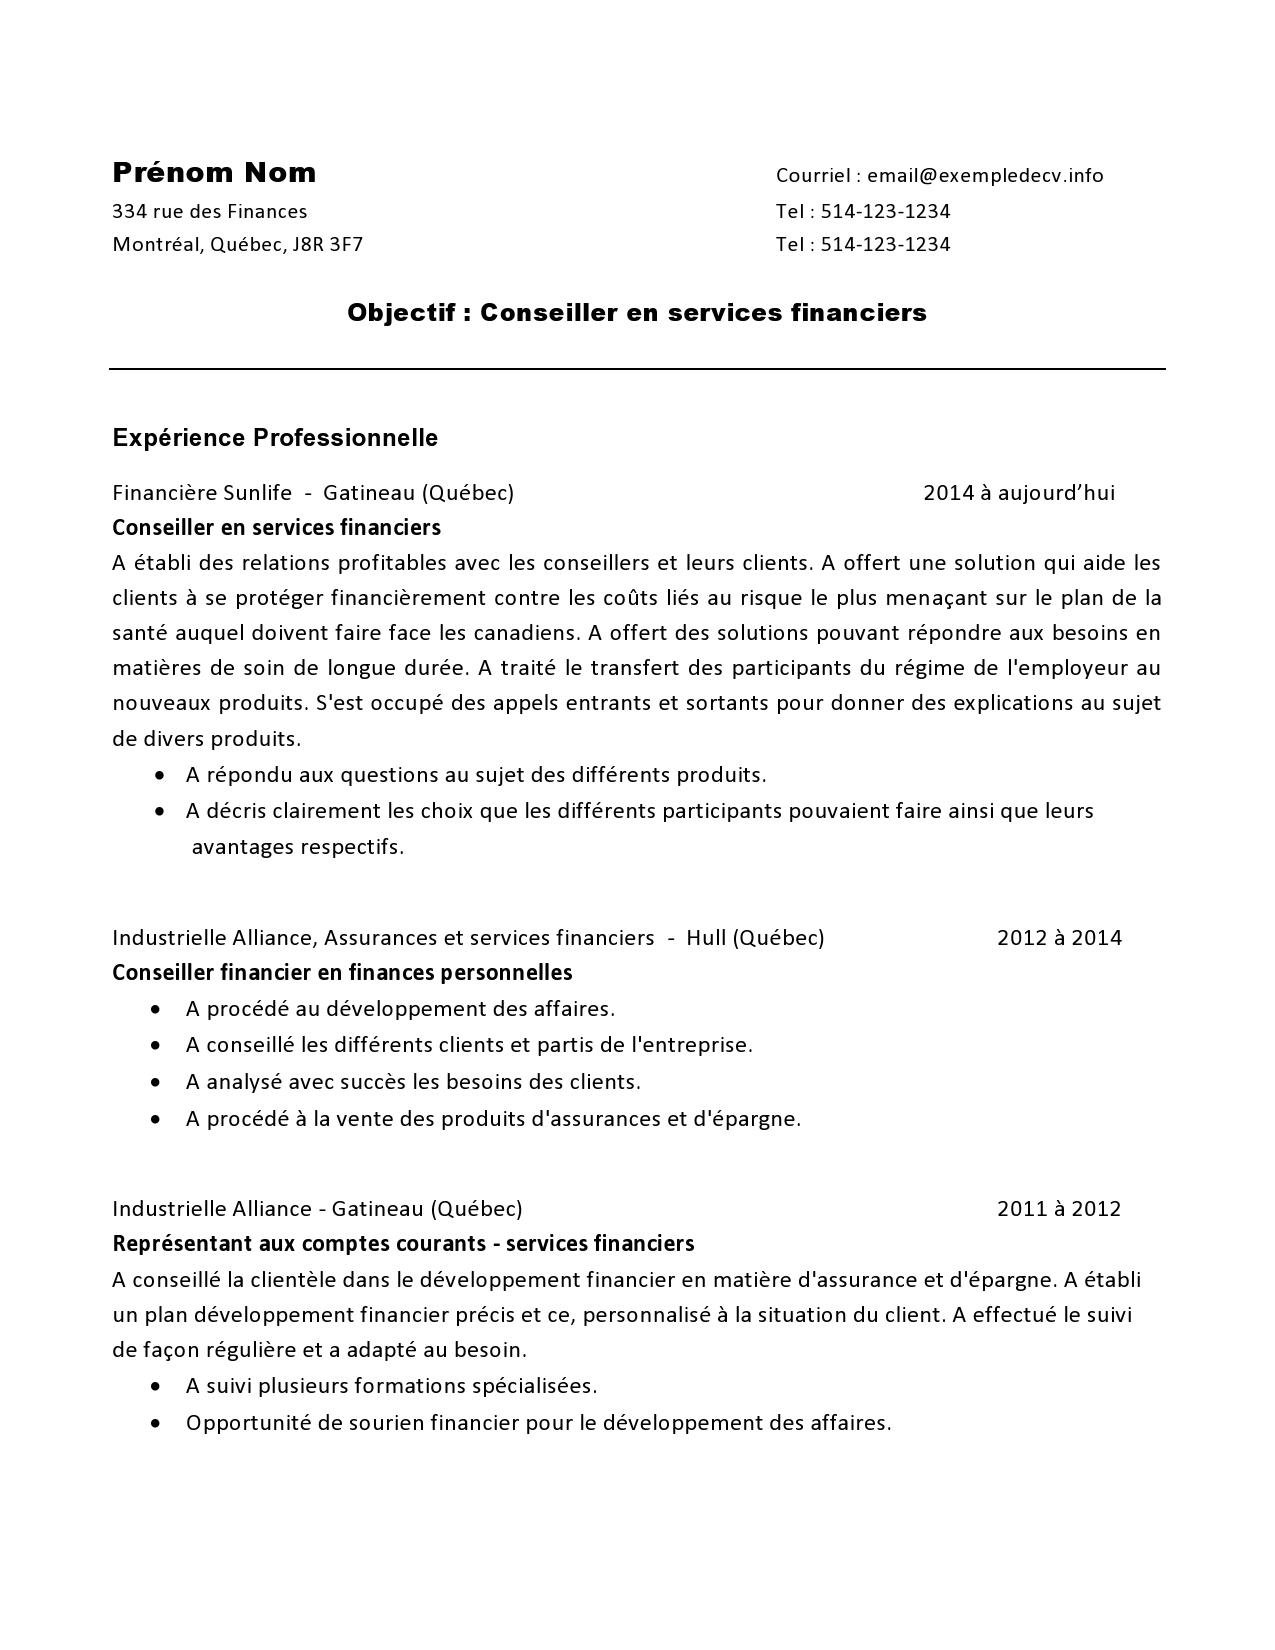 cv d u2019un conseiller en services financiers  u2013 exemple de cv